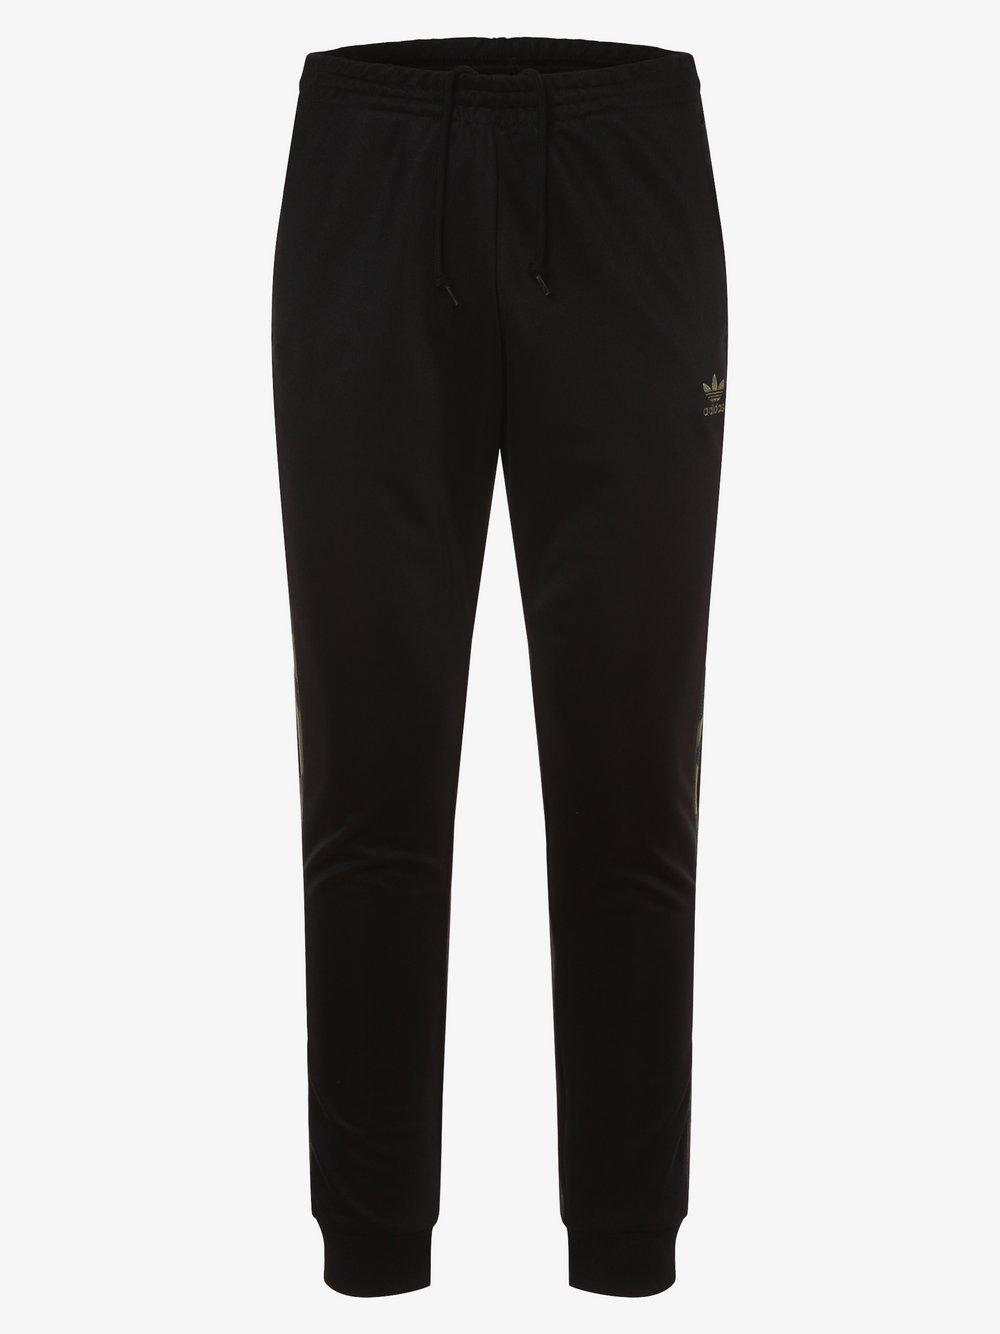 adidas Originals - Spodnie dresowe męskie, czarny